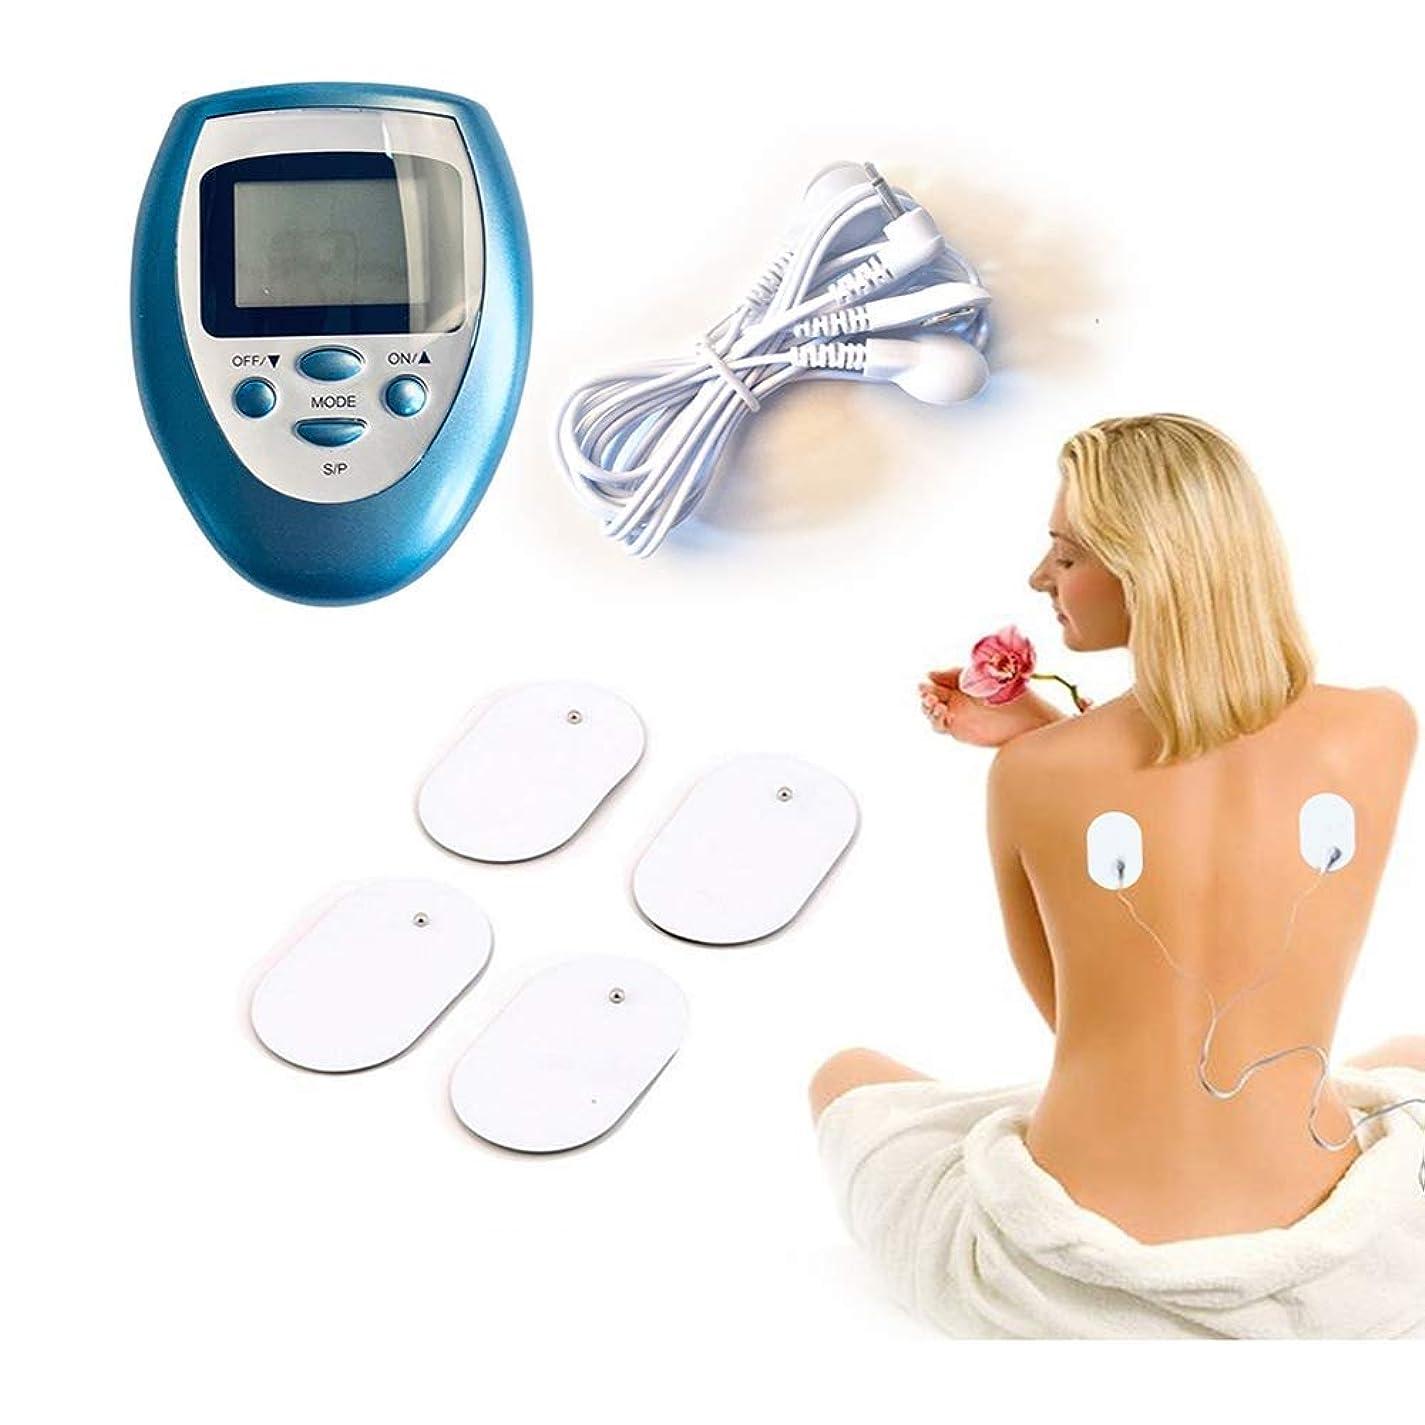 純粋に治す国勢調査マッサージステッカー 疼痛緩和パルスマッサージEMS筋肉刺激のための4本の電極パッドを持つ10台のマシンユニット10台の電気刺激装置